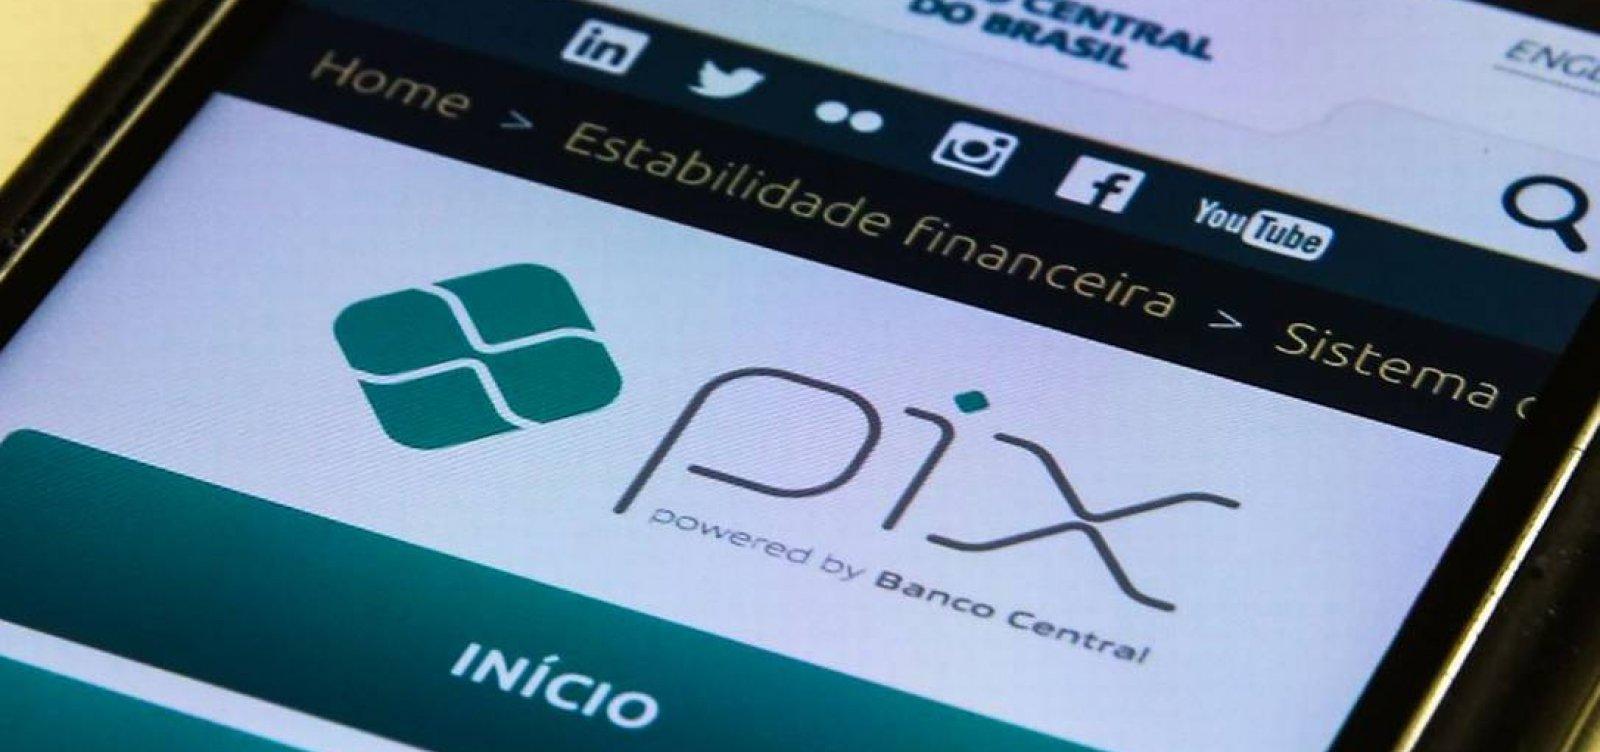 Limite de R$ 1.000 à noite em transferências no Pix passa a valer nesta segunda